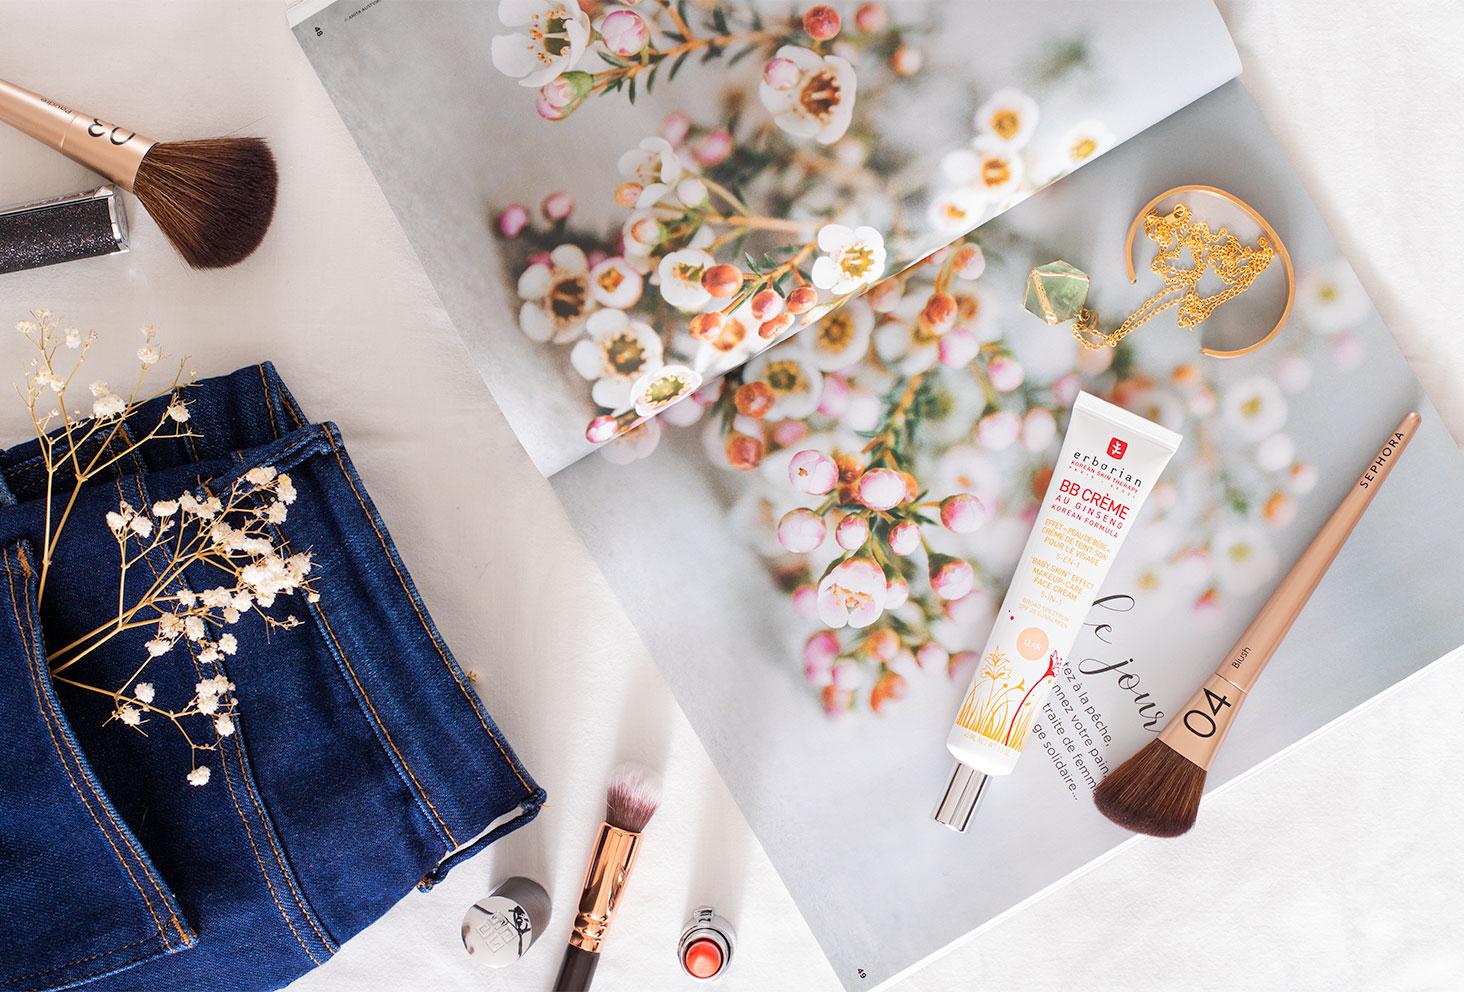 La BB crème Erborian posé sur un magazine fleuri ouvert sur un drap blanc, au milieu de pinceaux et de rouges à lèvres